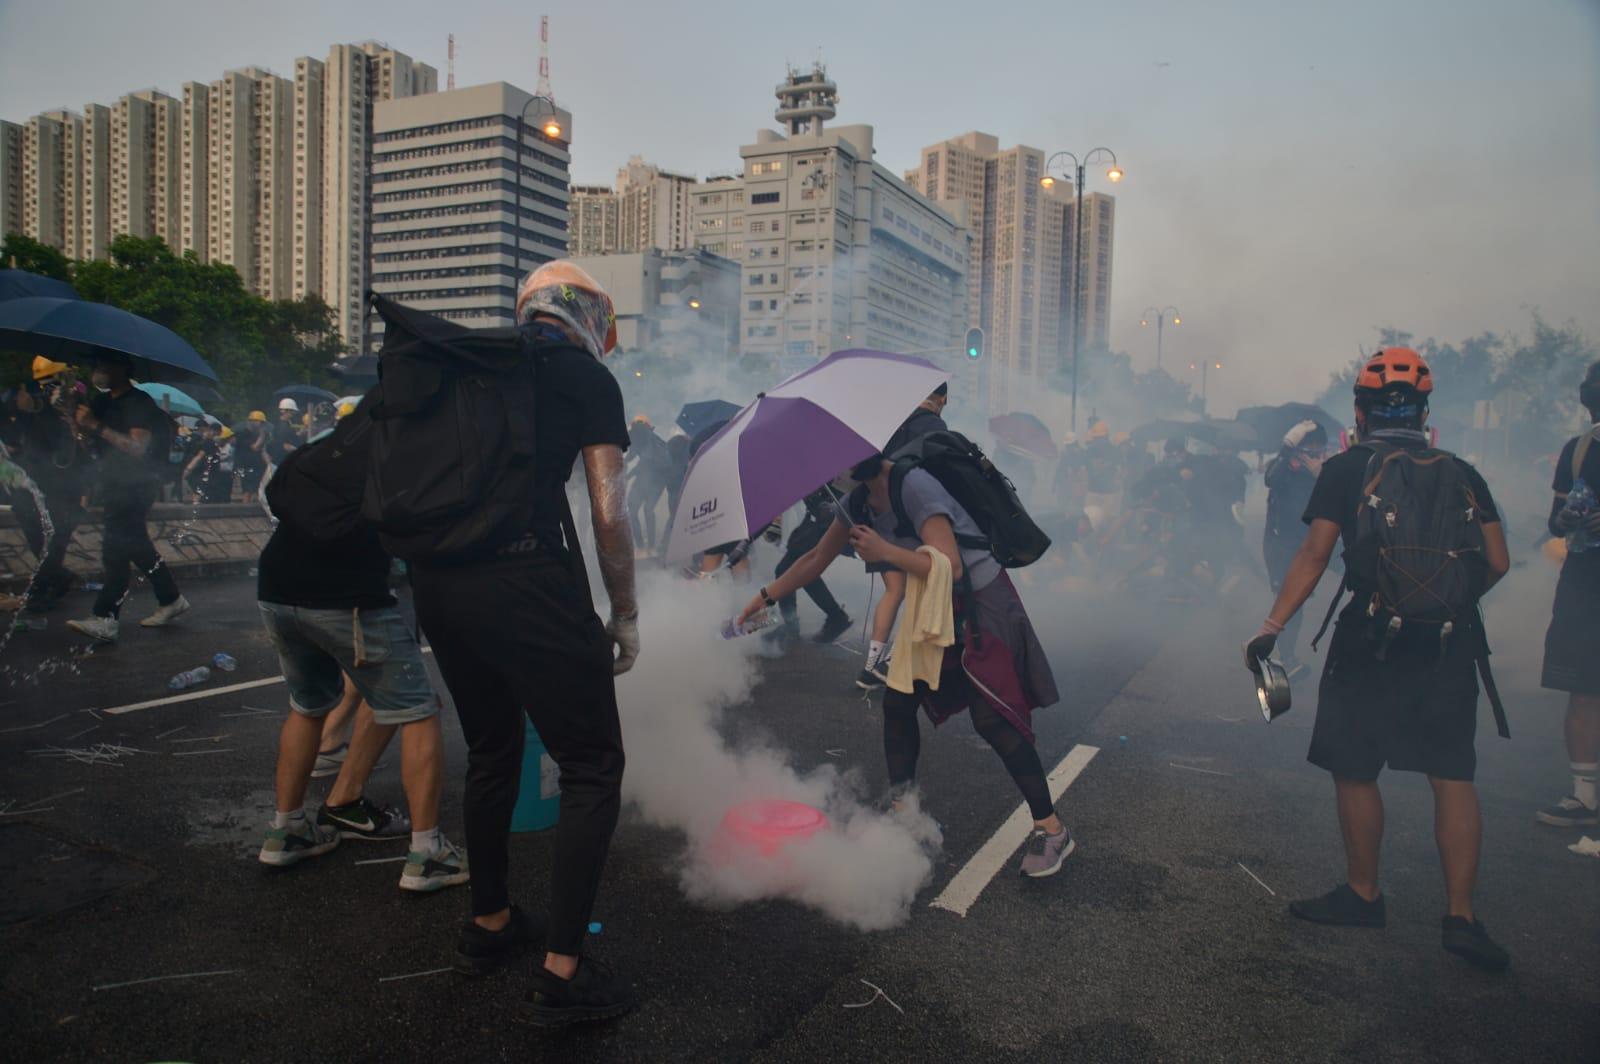 防暴警察與示威者爆發激烈衝突